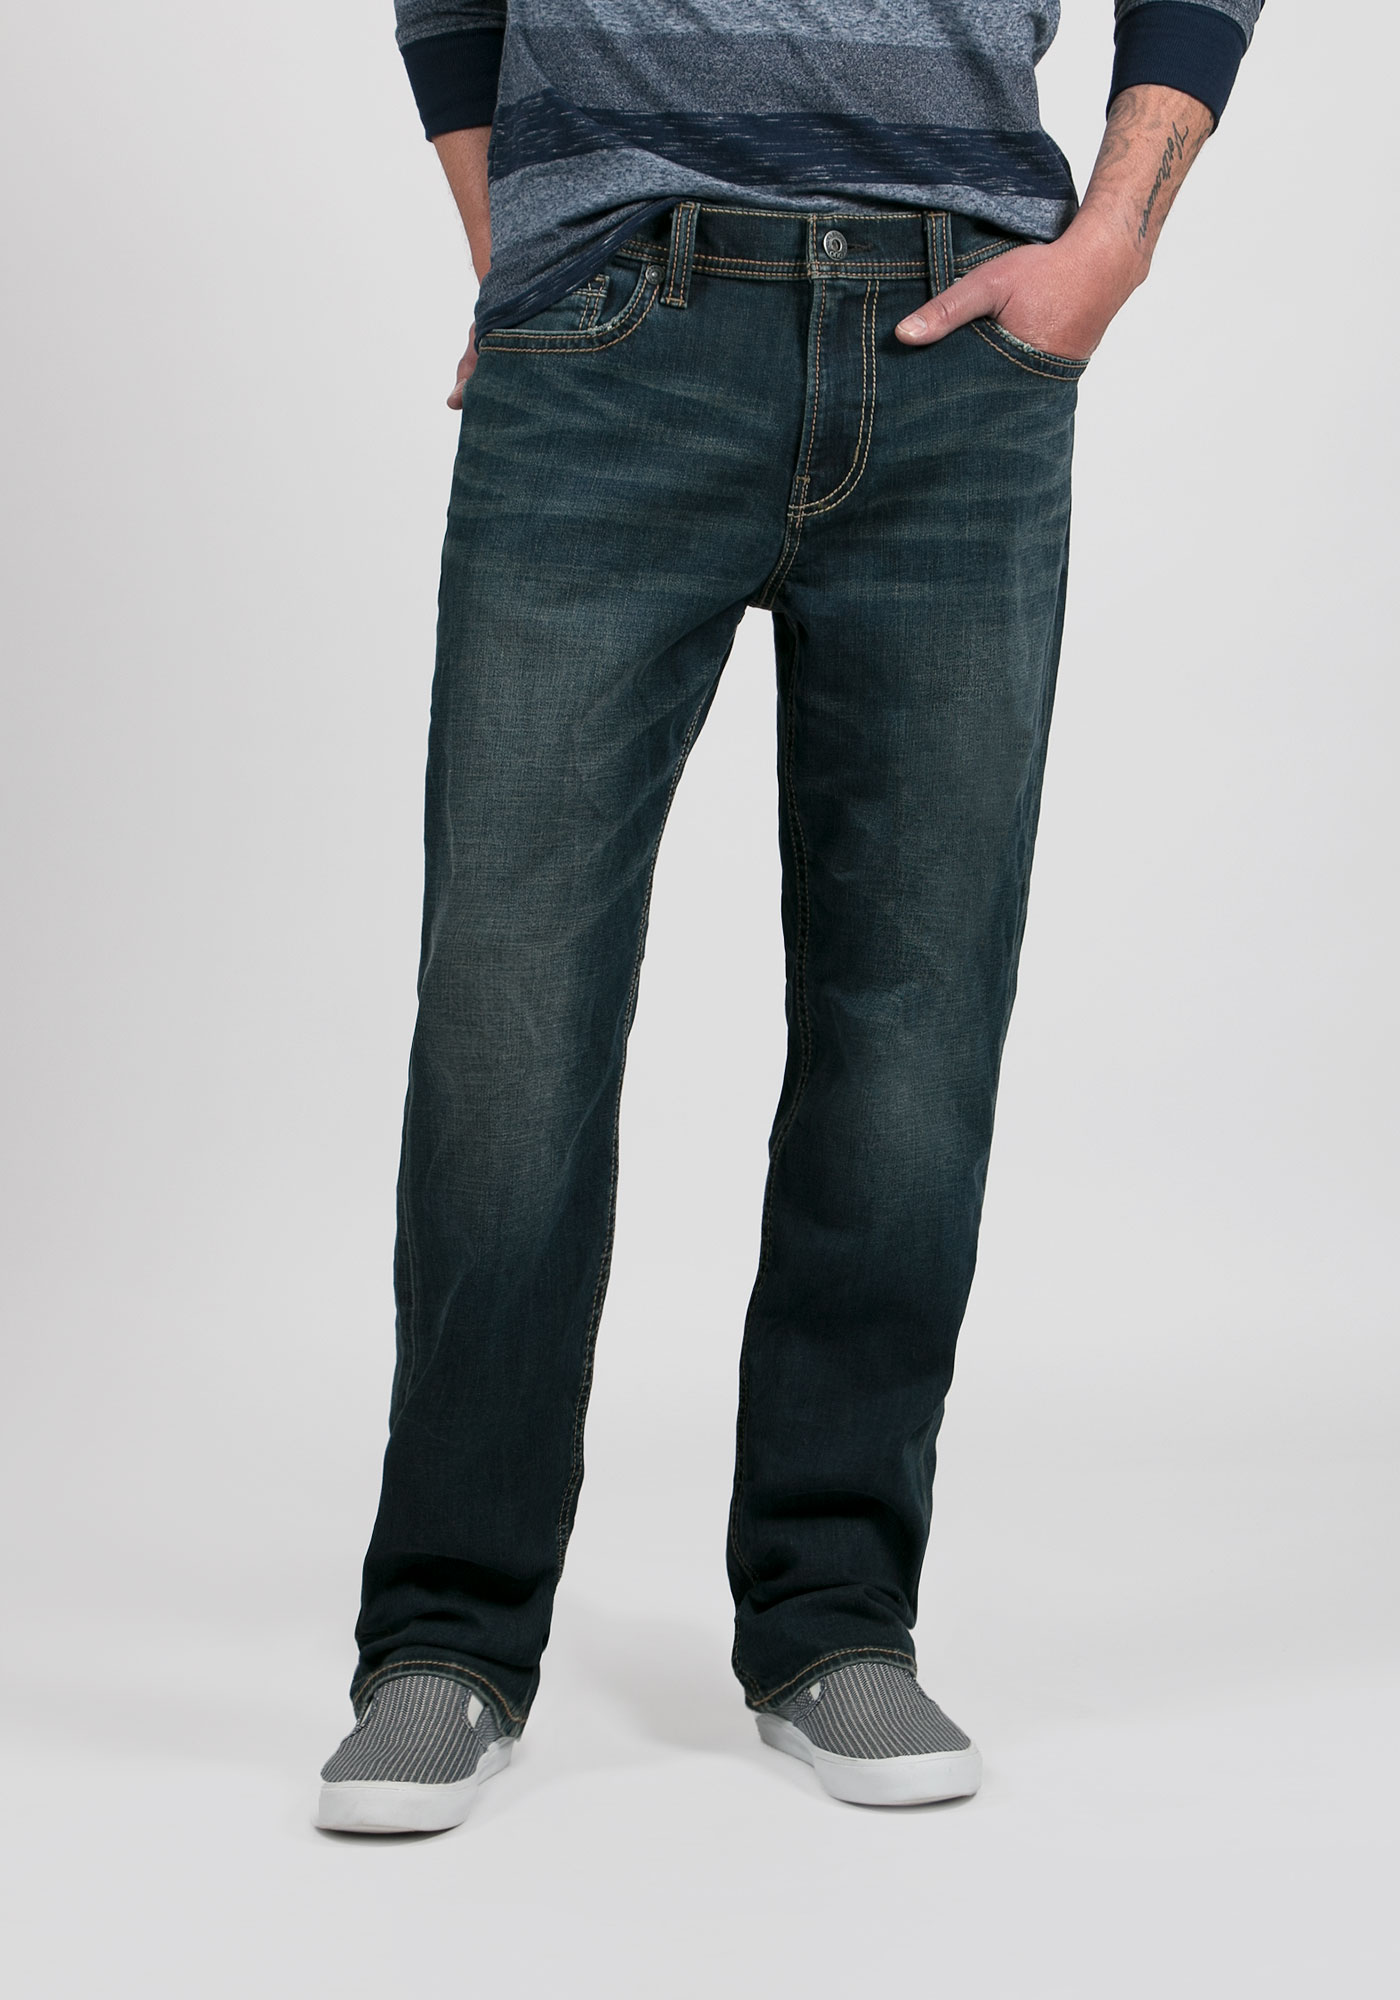 Mens Jeans 29 Inseam